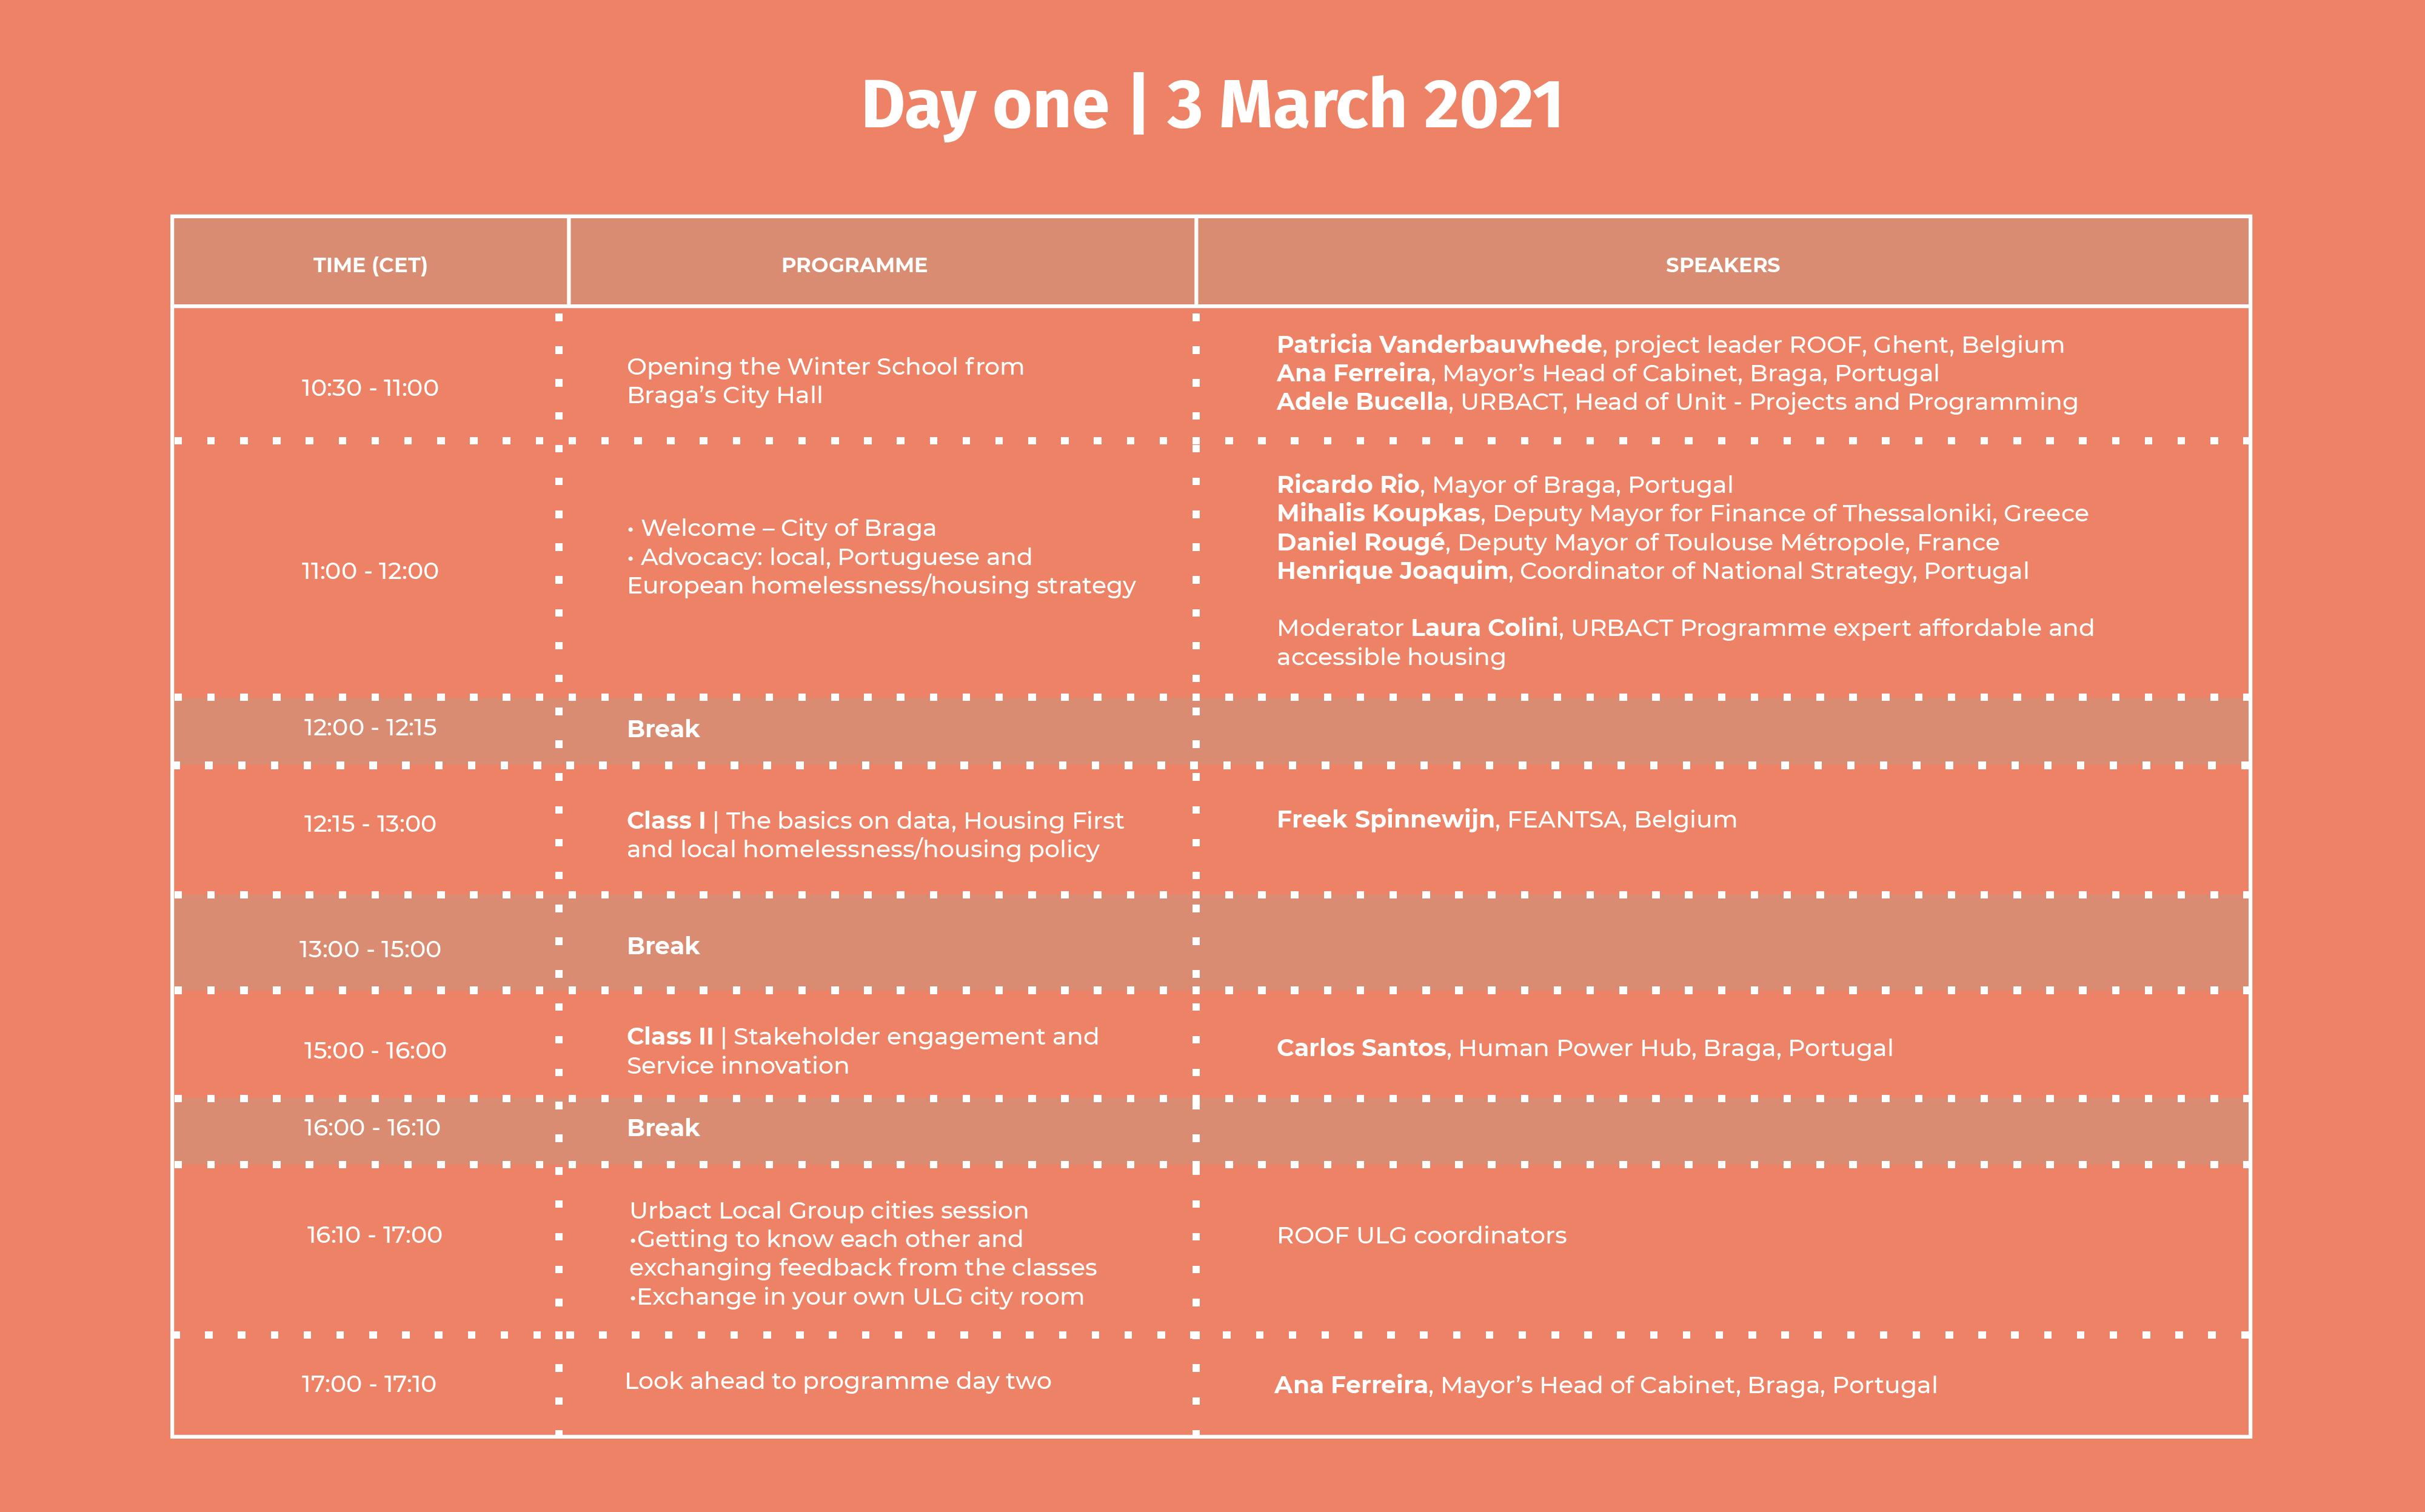 programme-02-1